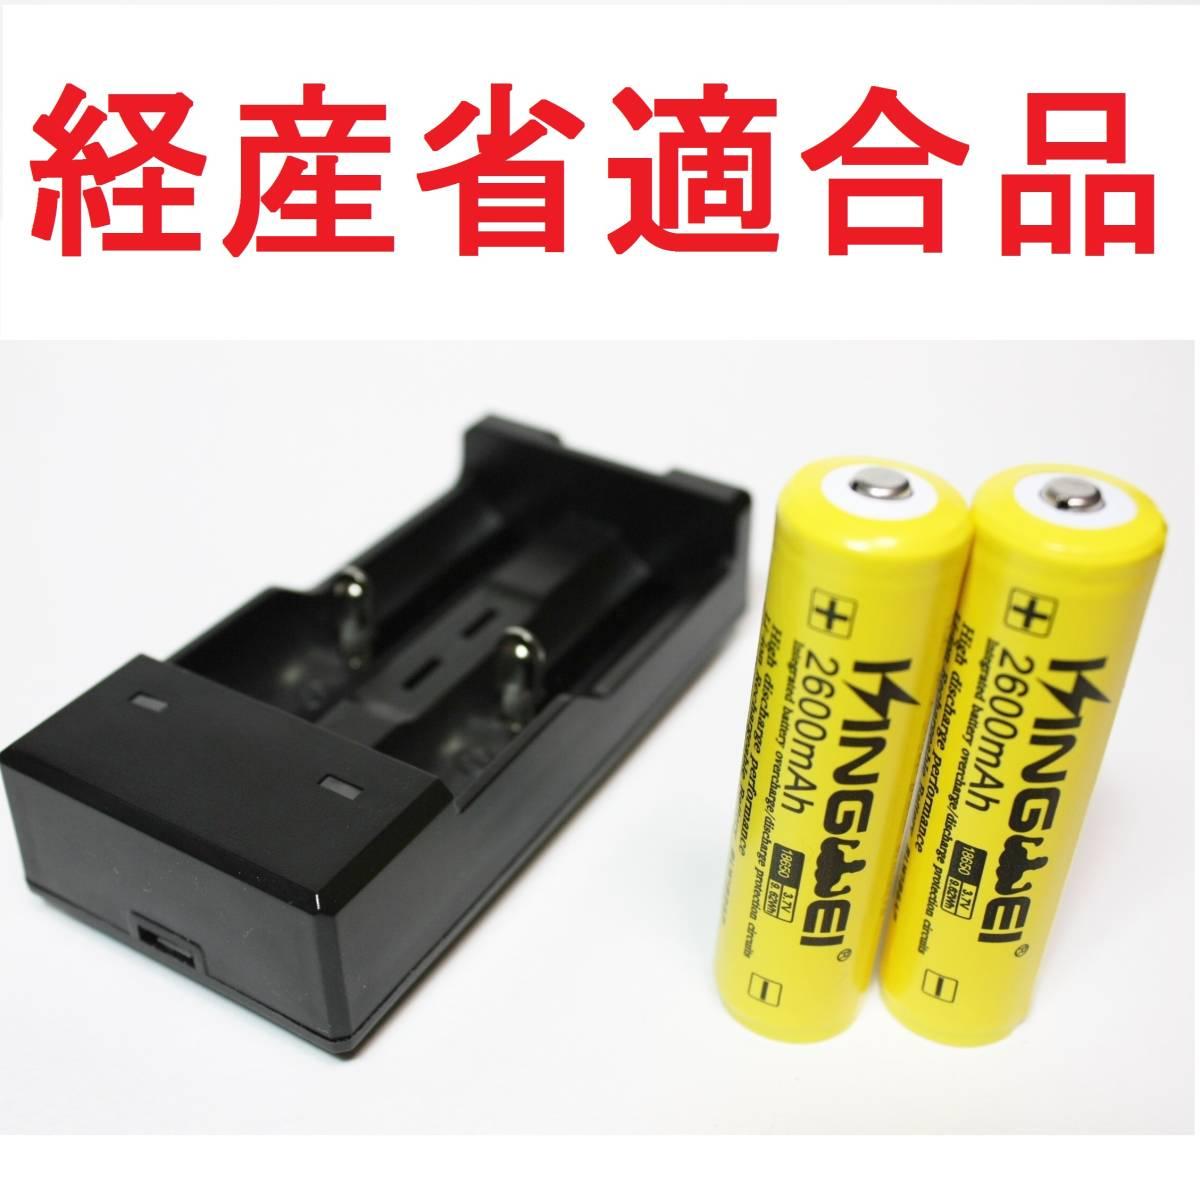 正規容量 18650 経済産業省適合品 リチウムイオン 充電池 2本 + 急速充電器 バッテリー 懐中電灯 ヘッドライト02_画像1